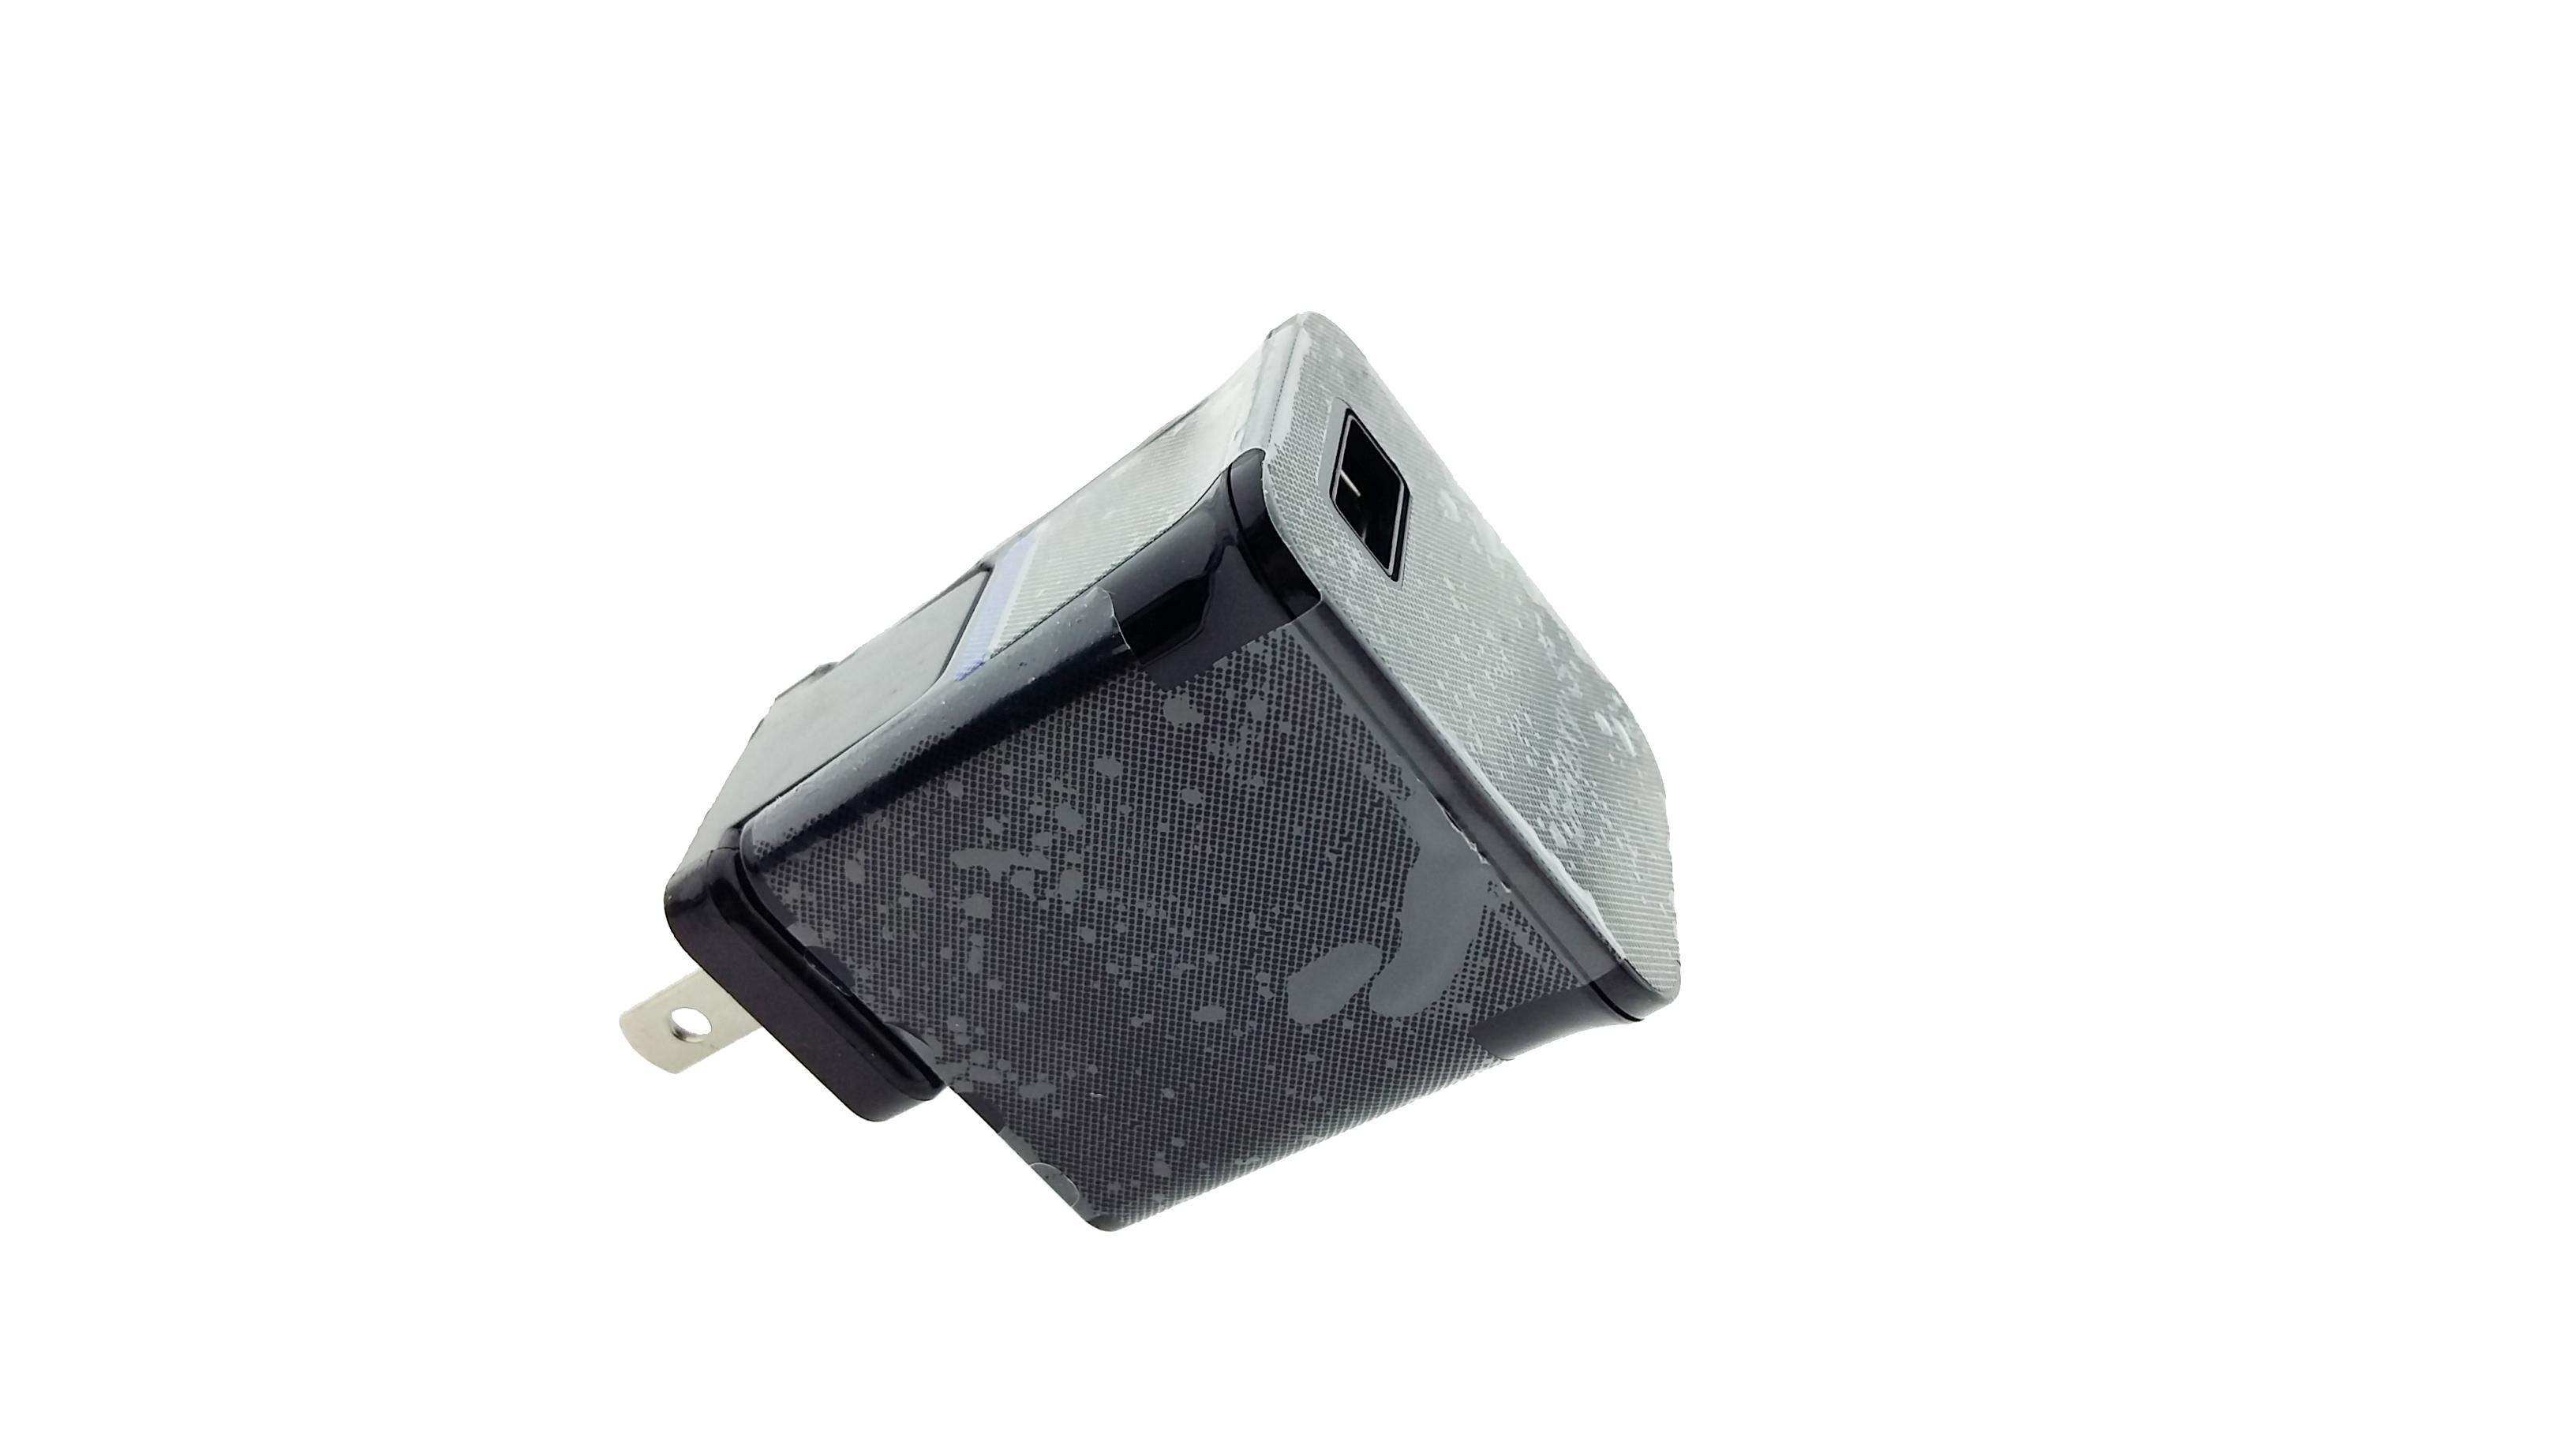 อะแดปเตอร์ หัวชาร์จ Galaxy Tab USB สีดำ